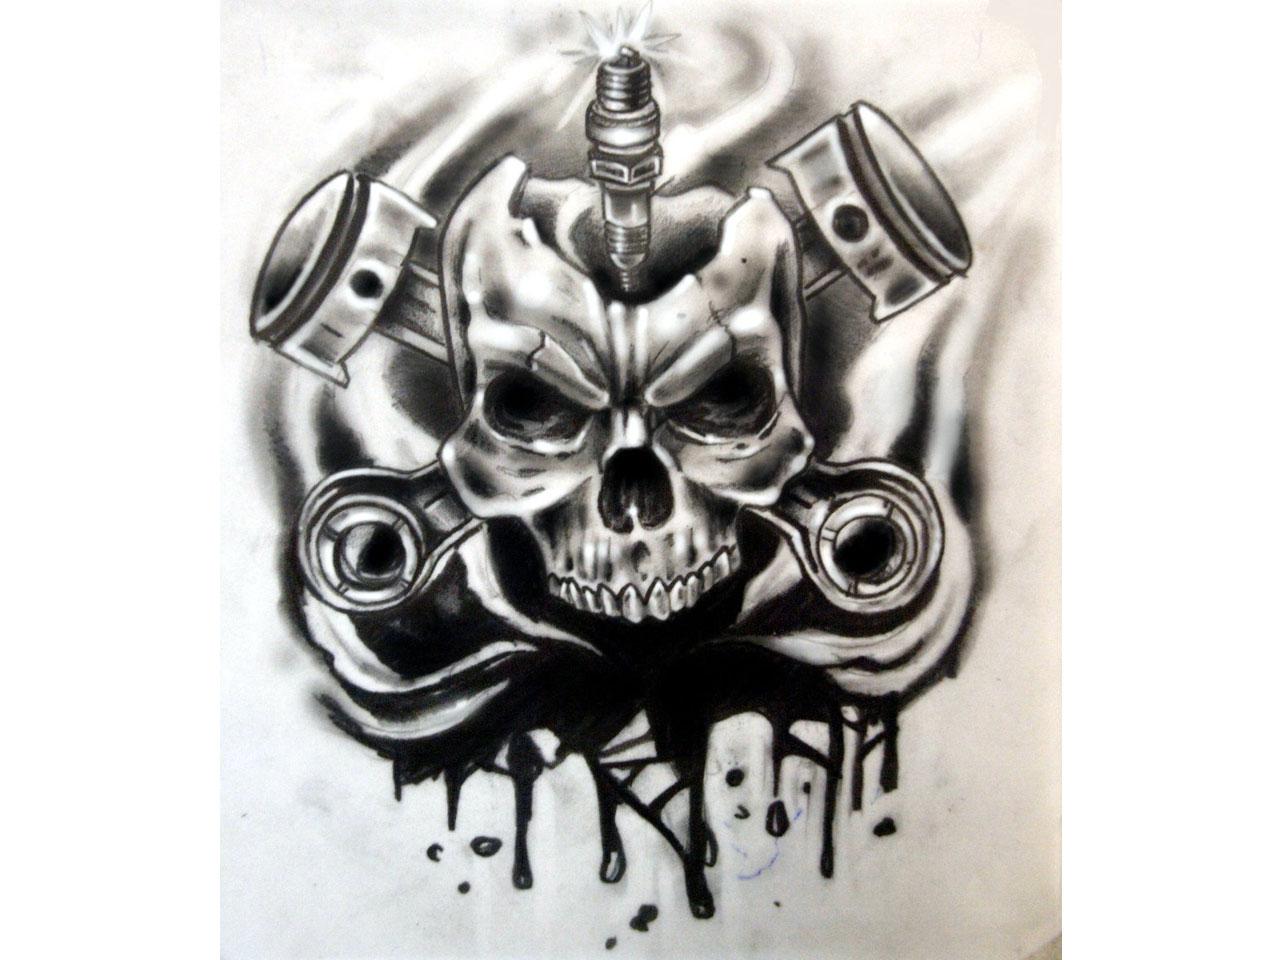 Tattoo gear tattoo sleeve mechanic tattoo mechanical tattoo gears - Terrific Mechanical Skull Tattoo Stencil